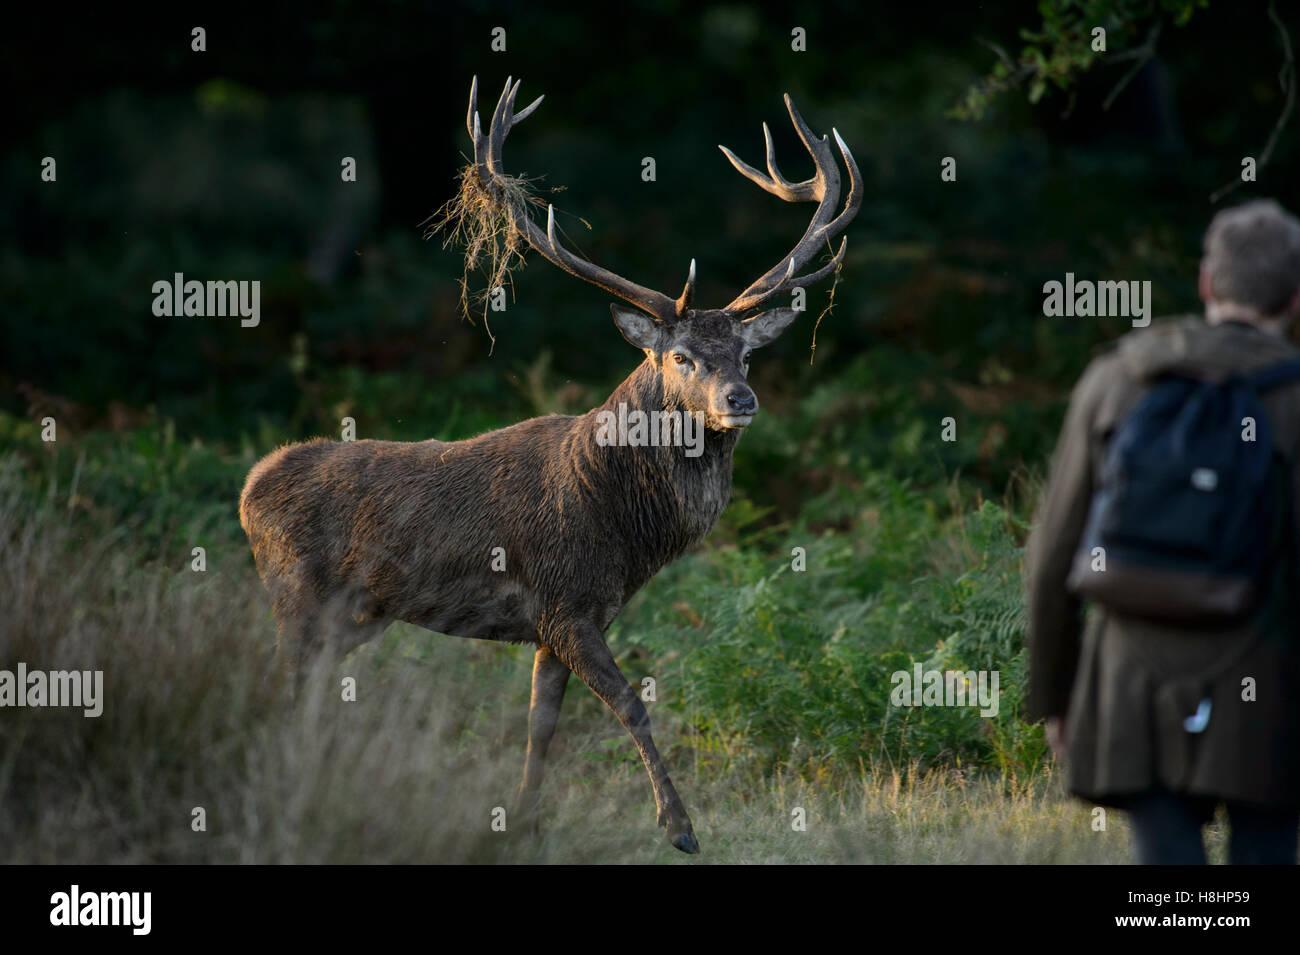 Red Deer stag à Richmond Park, Londres, avec comportement offensif vers une marche touristique trop près Photo Stock